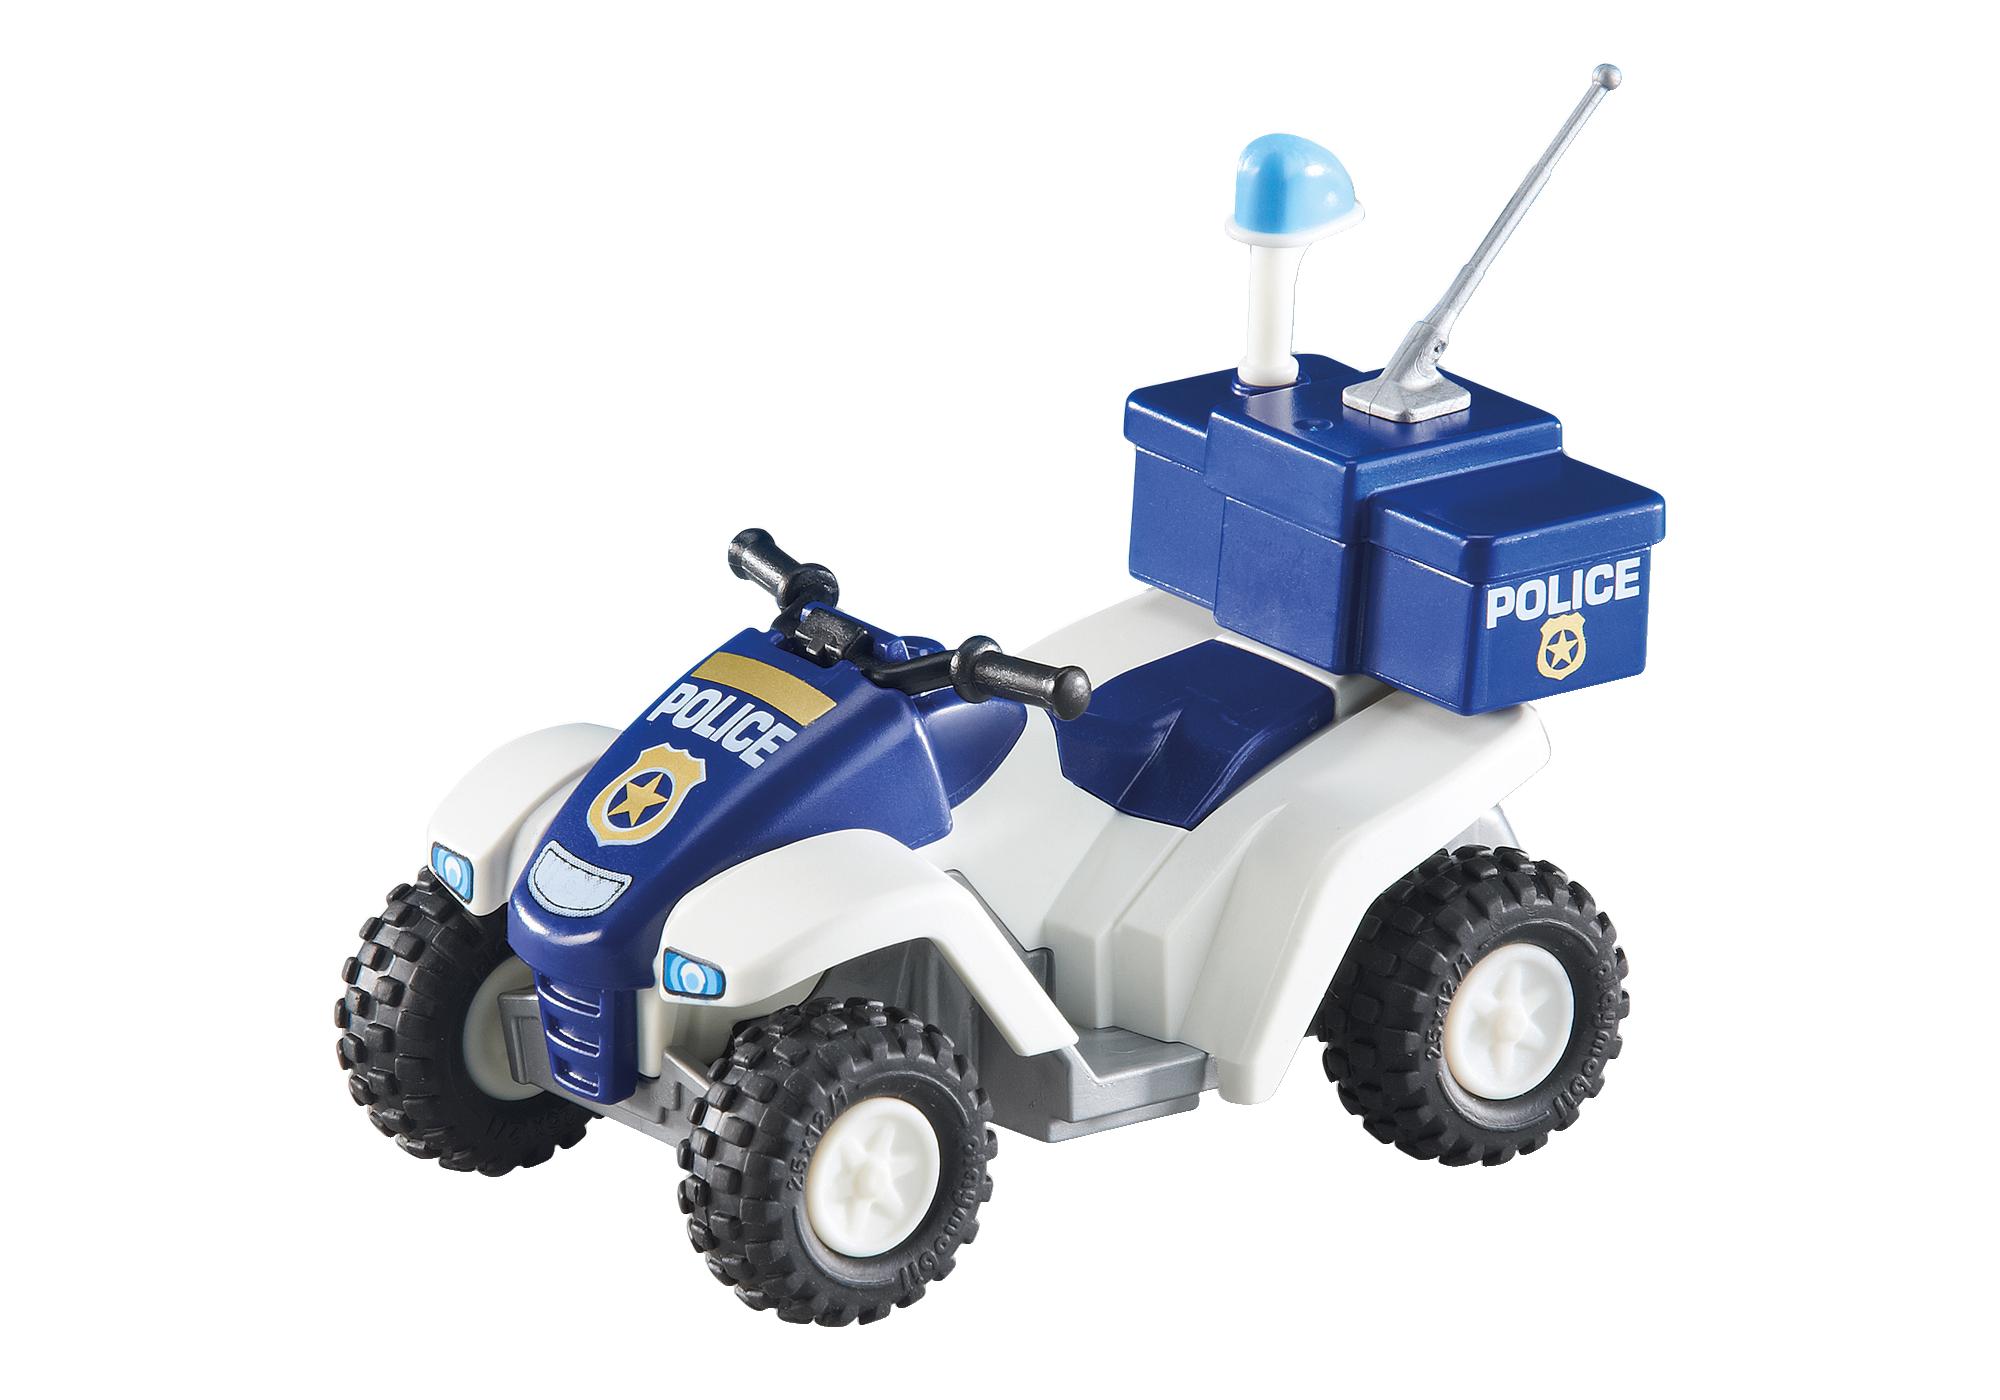 http://media.playmobil.com/i/playmobil/6504_product_detail/Quad de police